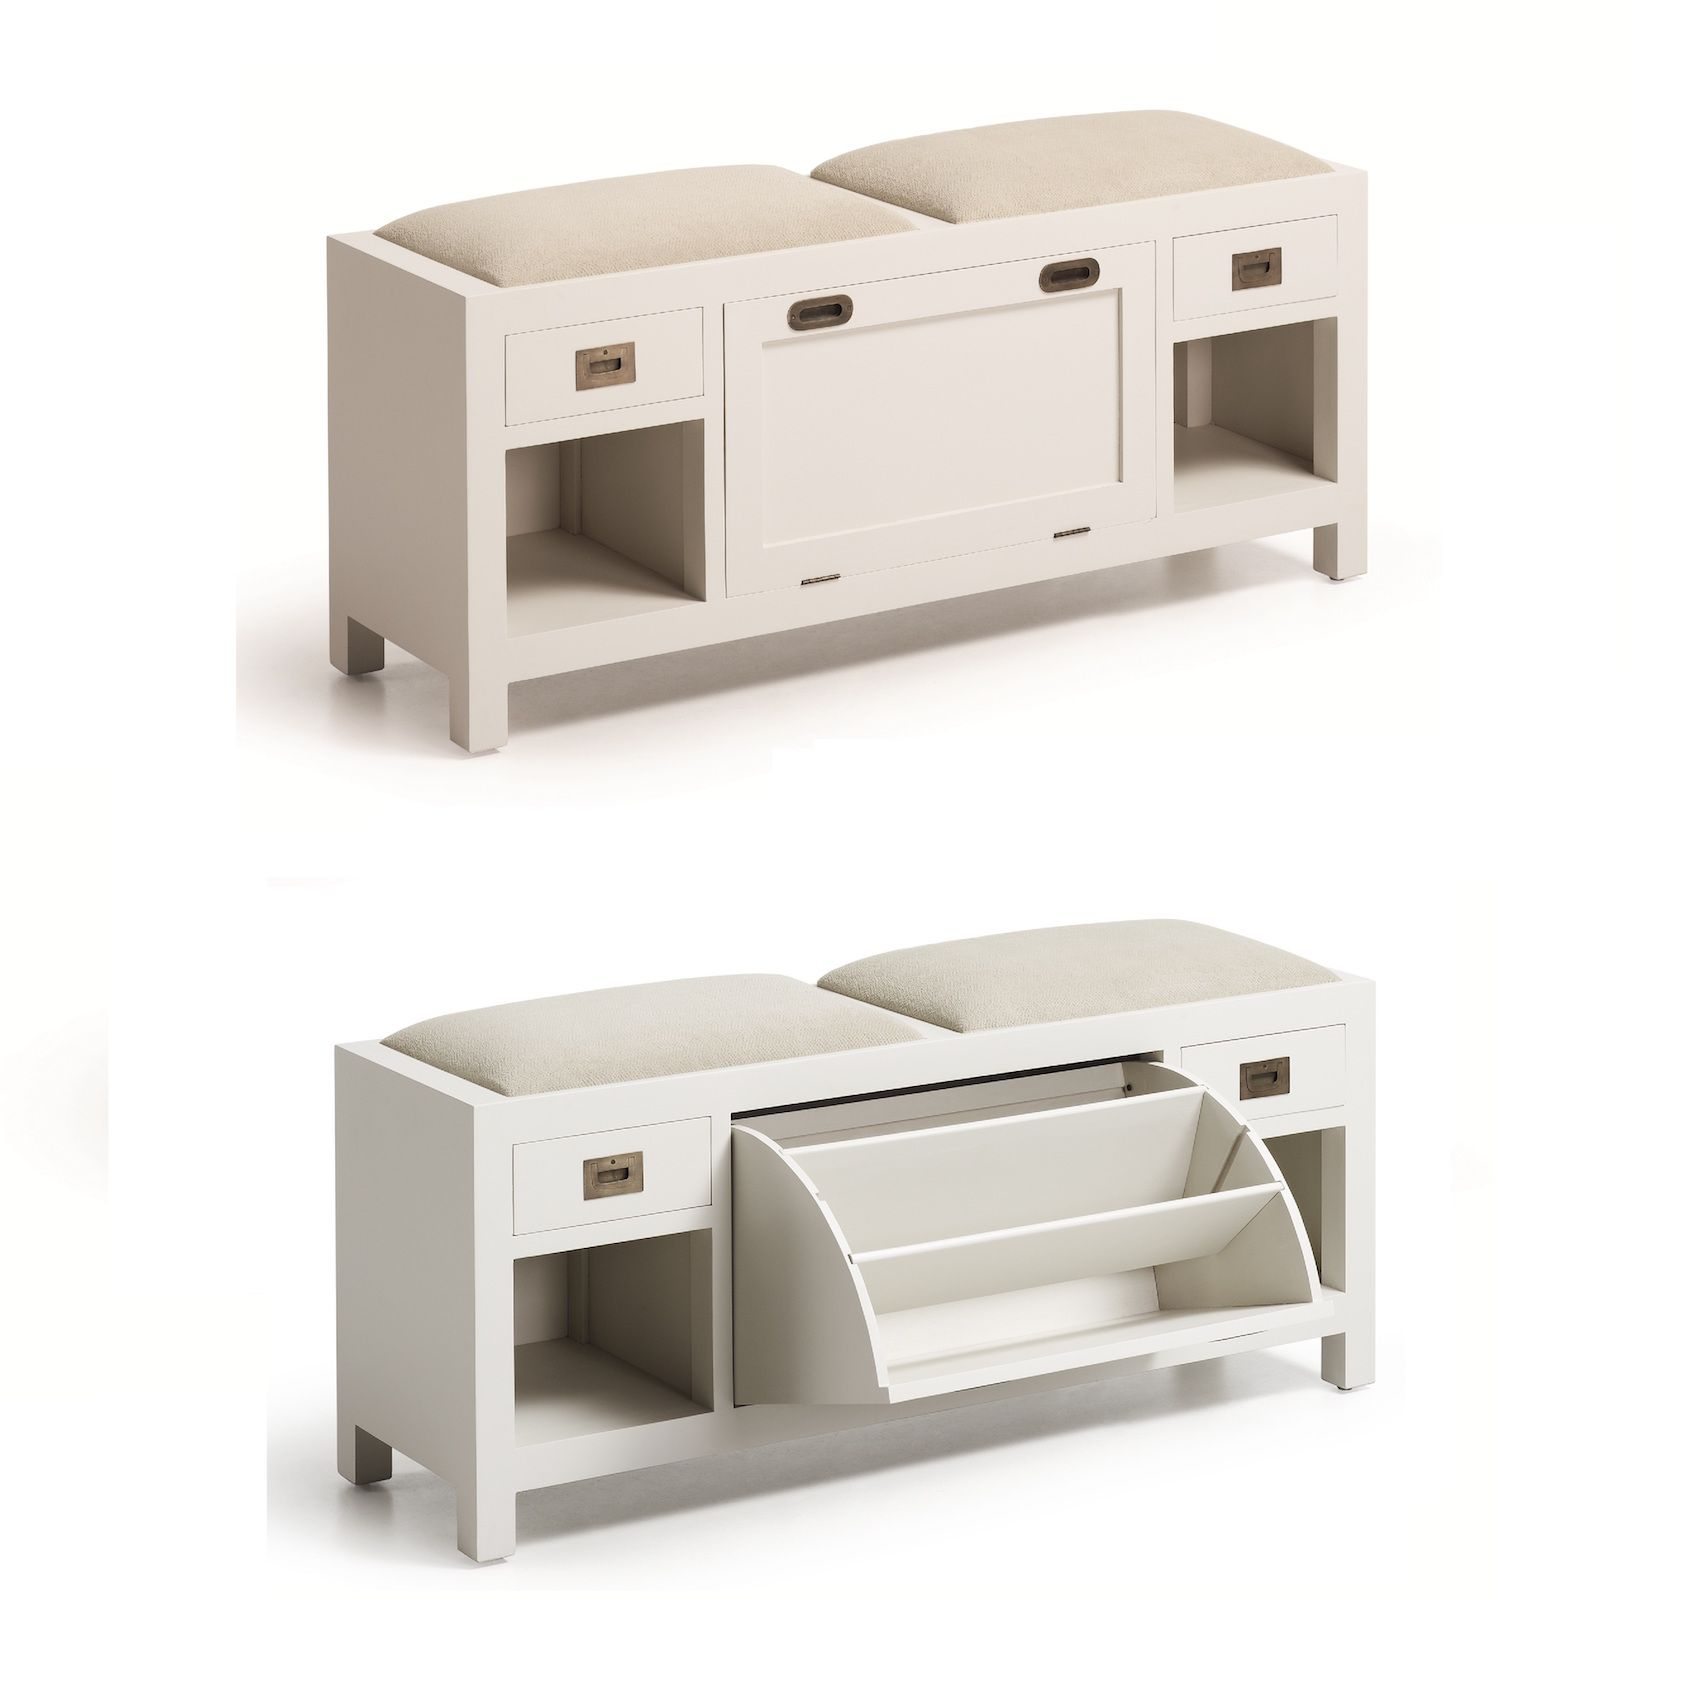 Tipos De Muebles Zapateros Ideas Para La Carpinteria Pinterest  # Muebles Para Zpatos